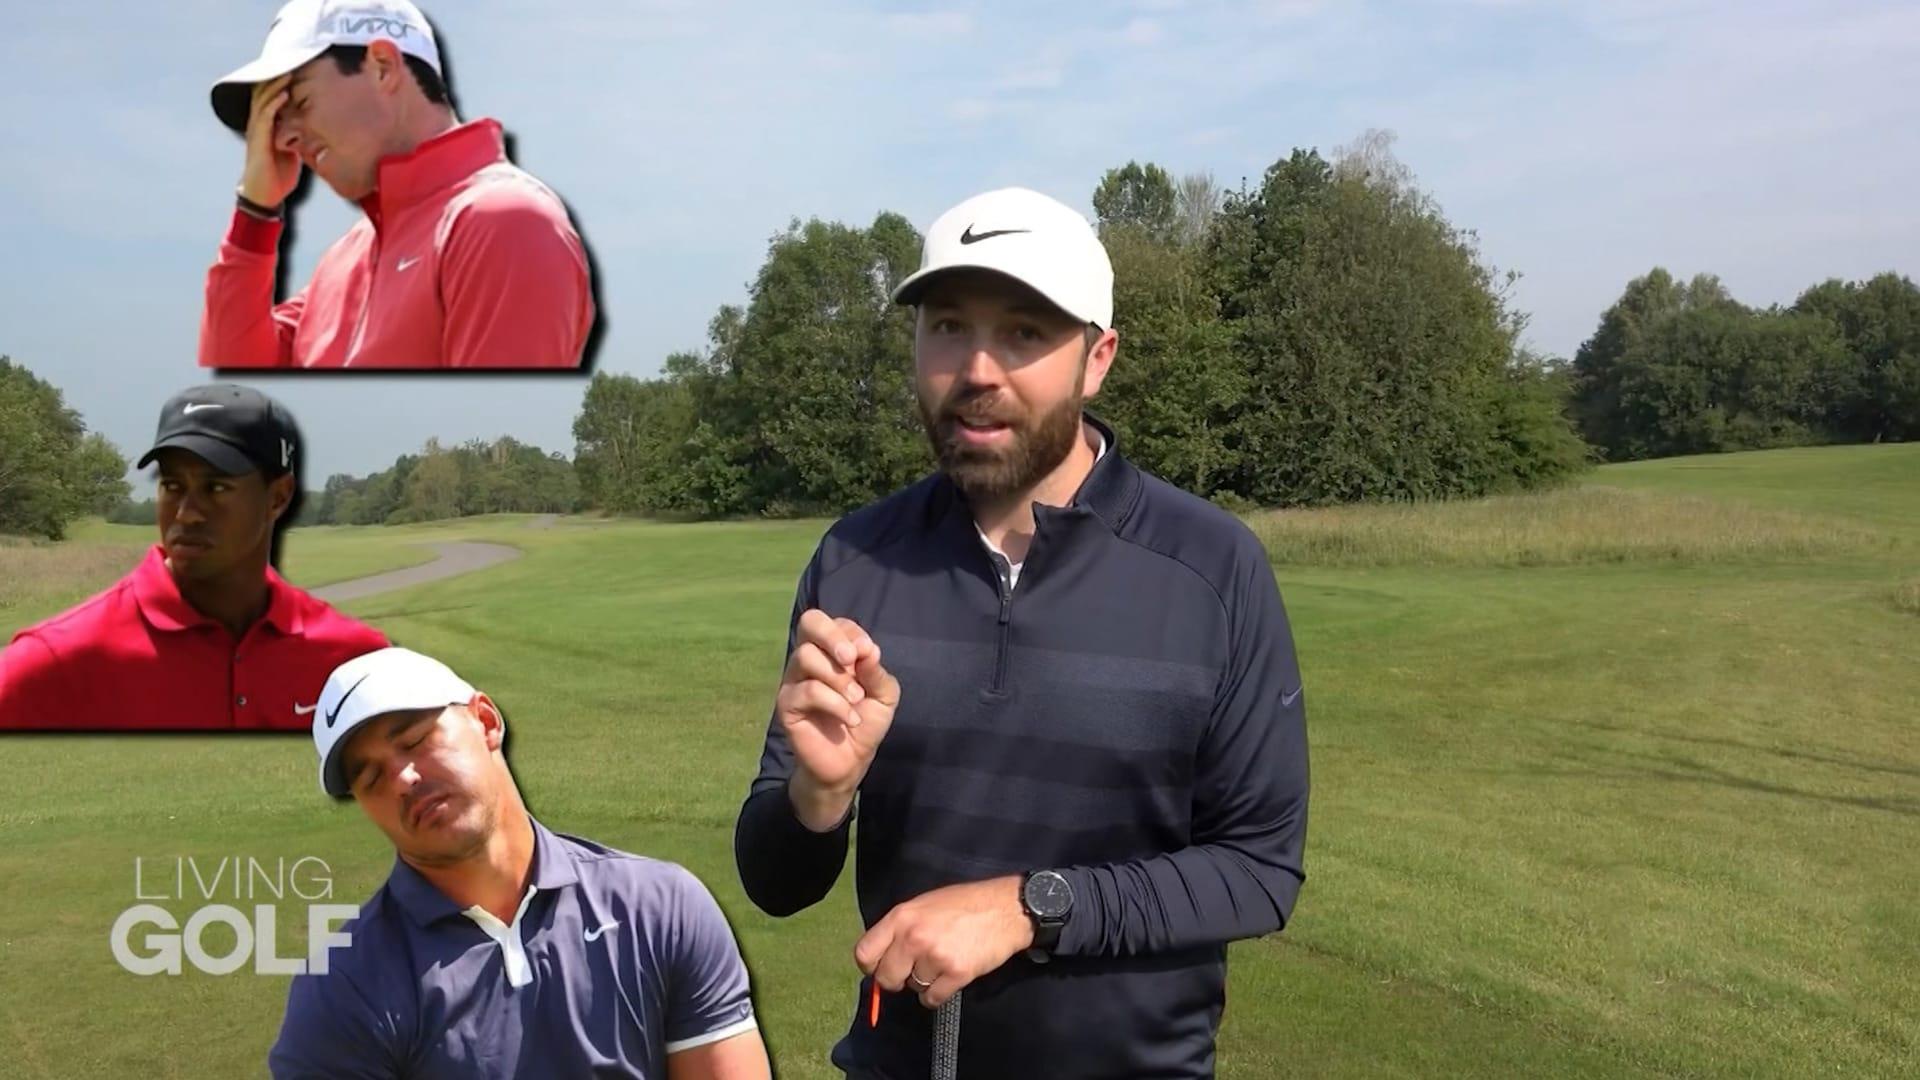 """نجوم المستقبل في الغولف يتعلمون اللعبة من هذه القناة على """"يوتيوب"""""""